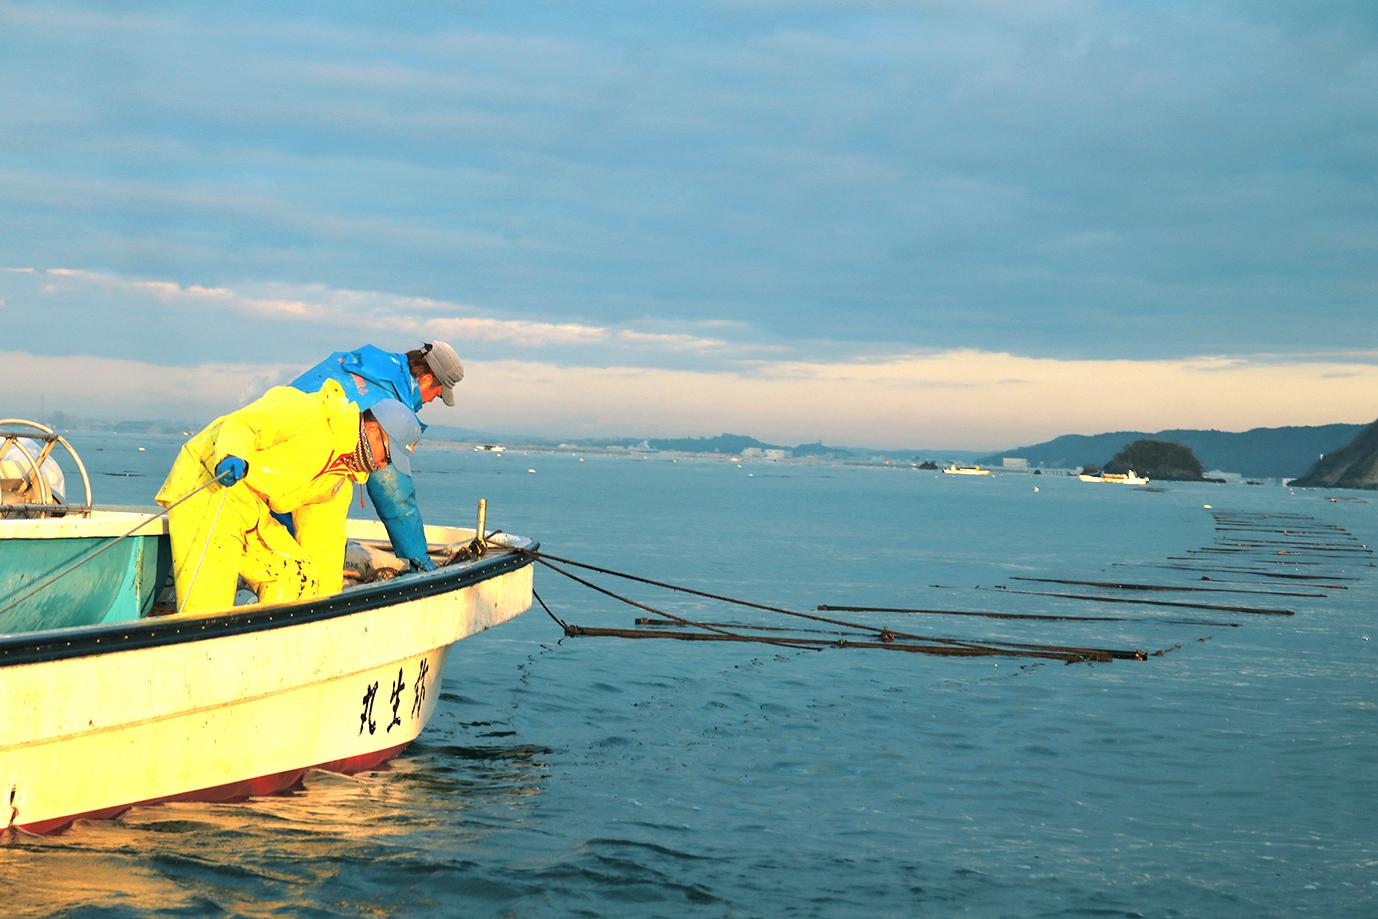 【石巻湾/海苔養殖】飽くなき探究心で次世代をつくる